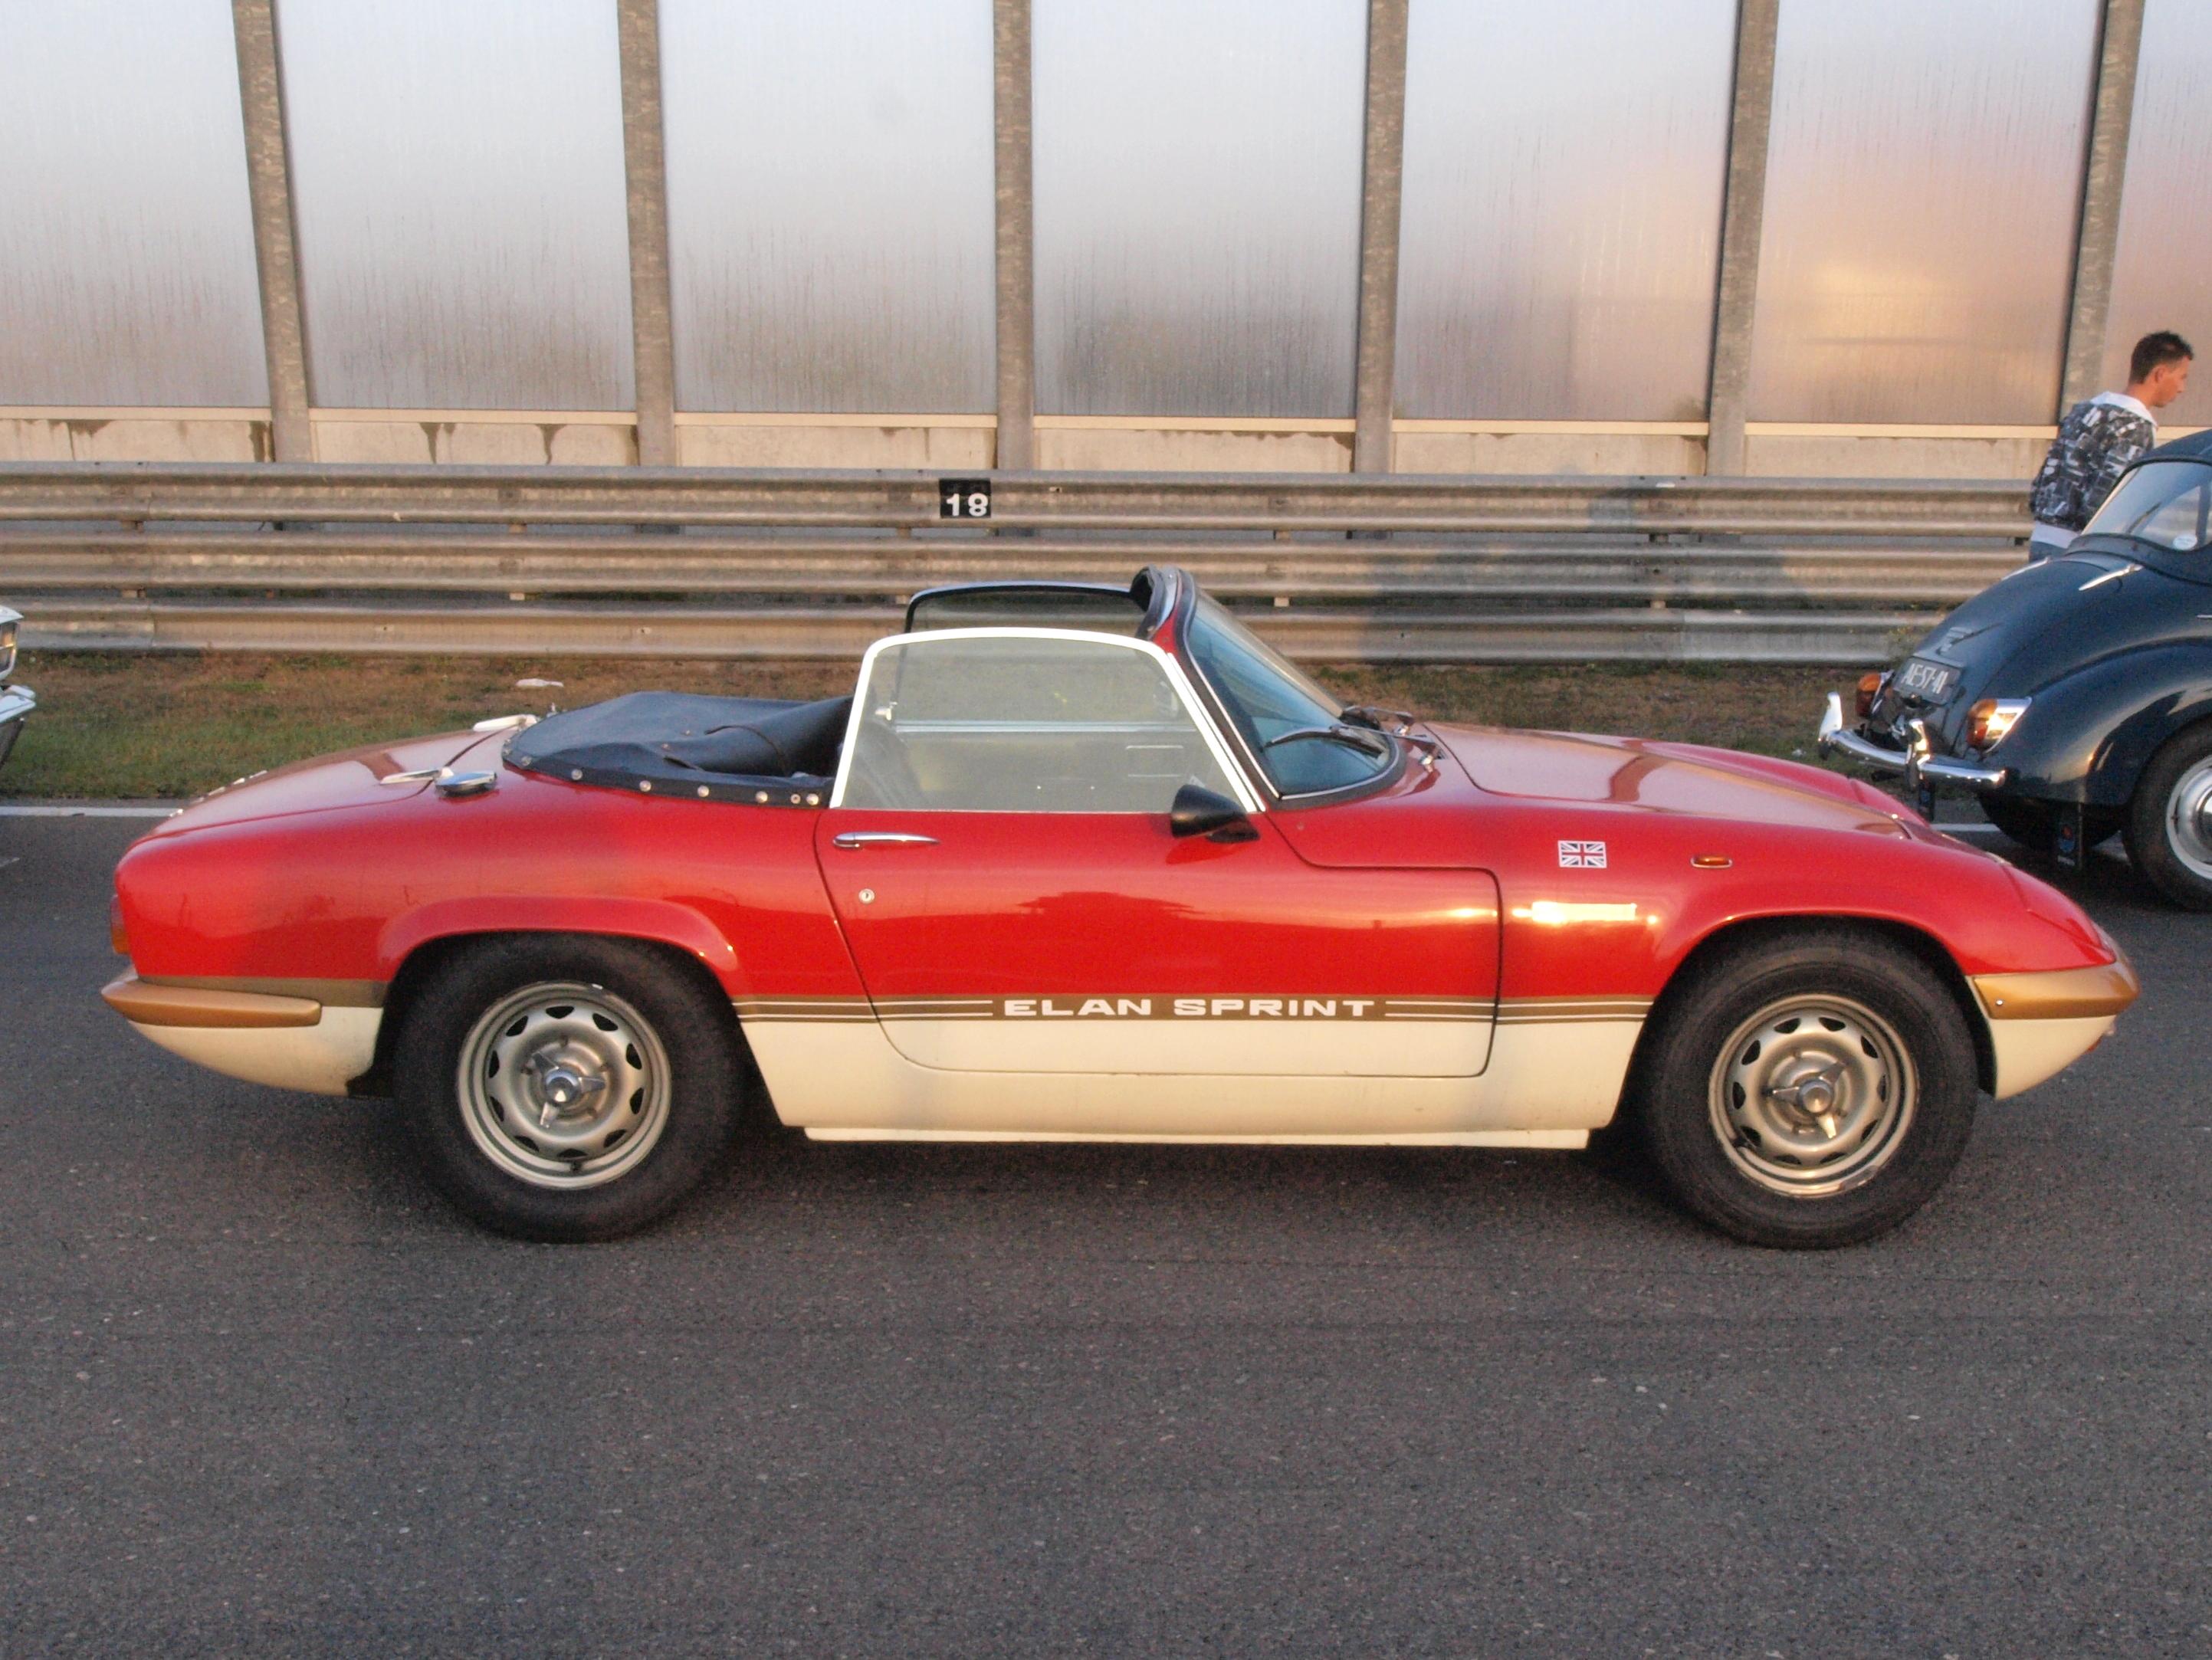 Lotus Elan 26R 50310 in addition 2002 Lotus Elise moreover 1967 Lotus Elan Series 3 Drophead Coupe also 1966 Lotus Elan likewise Watch. on lotus elan